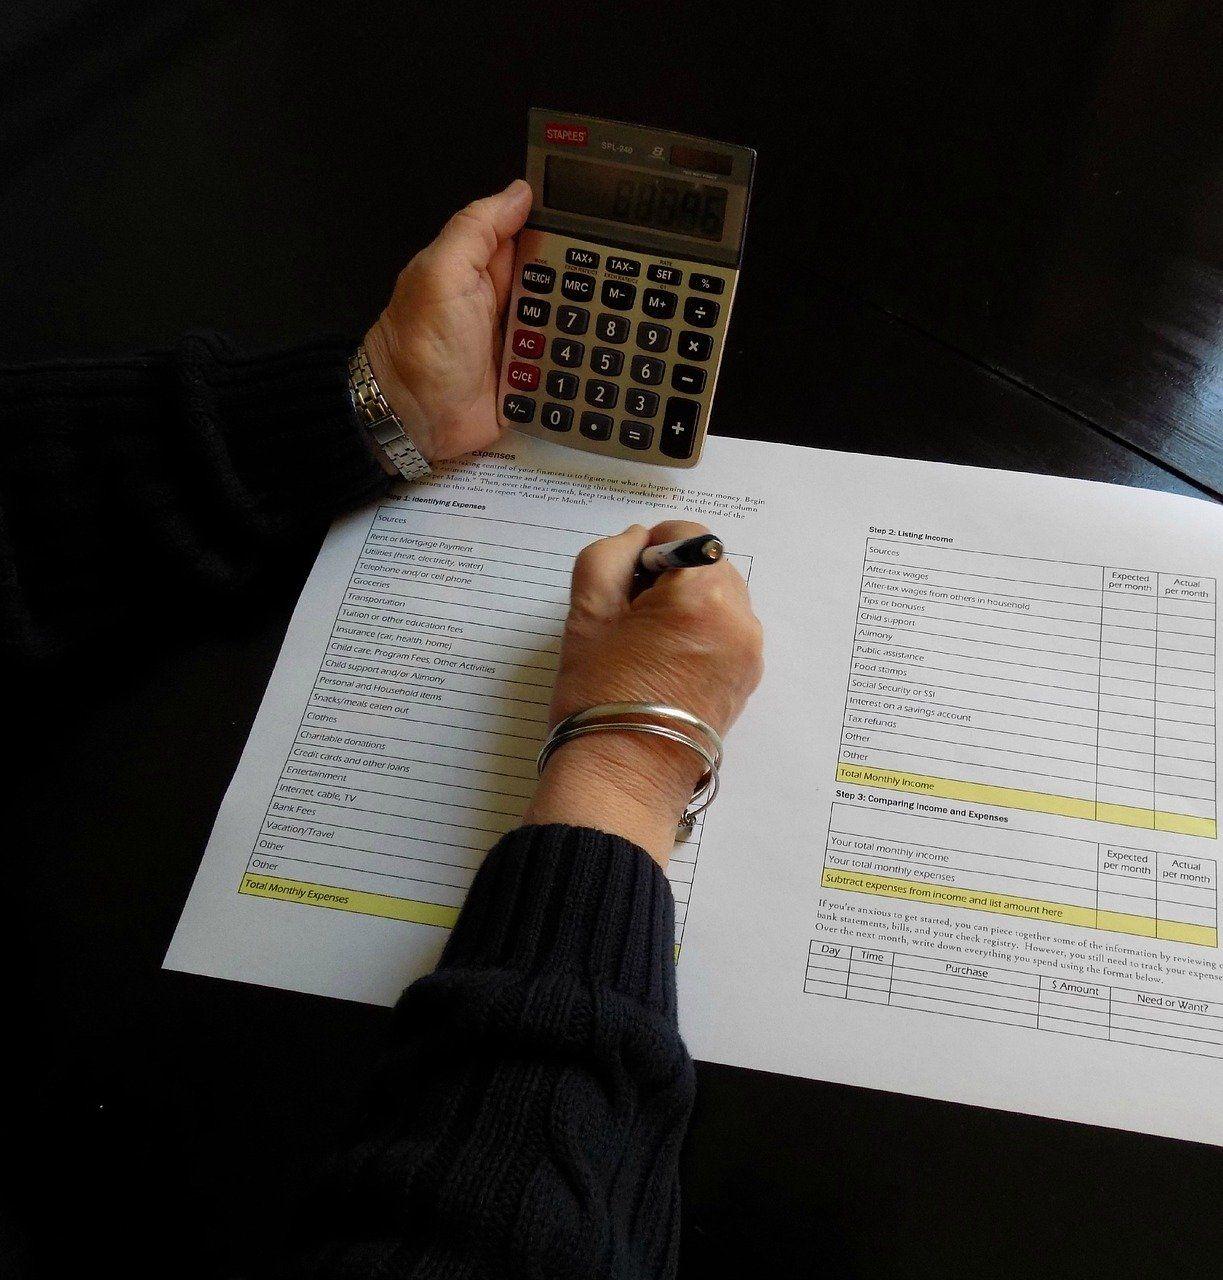 Ningún ajuste del ESFA es aceptado tributariamente. Corrección de las declaraciones que los incluyeron